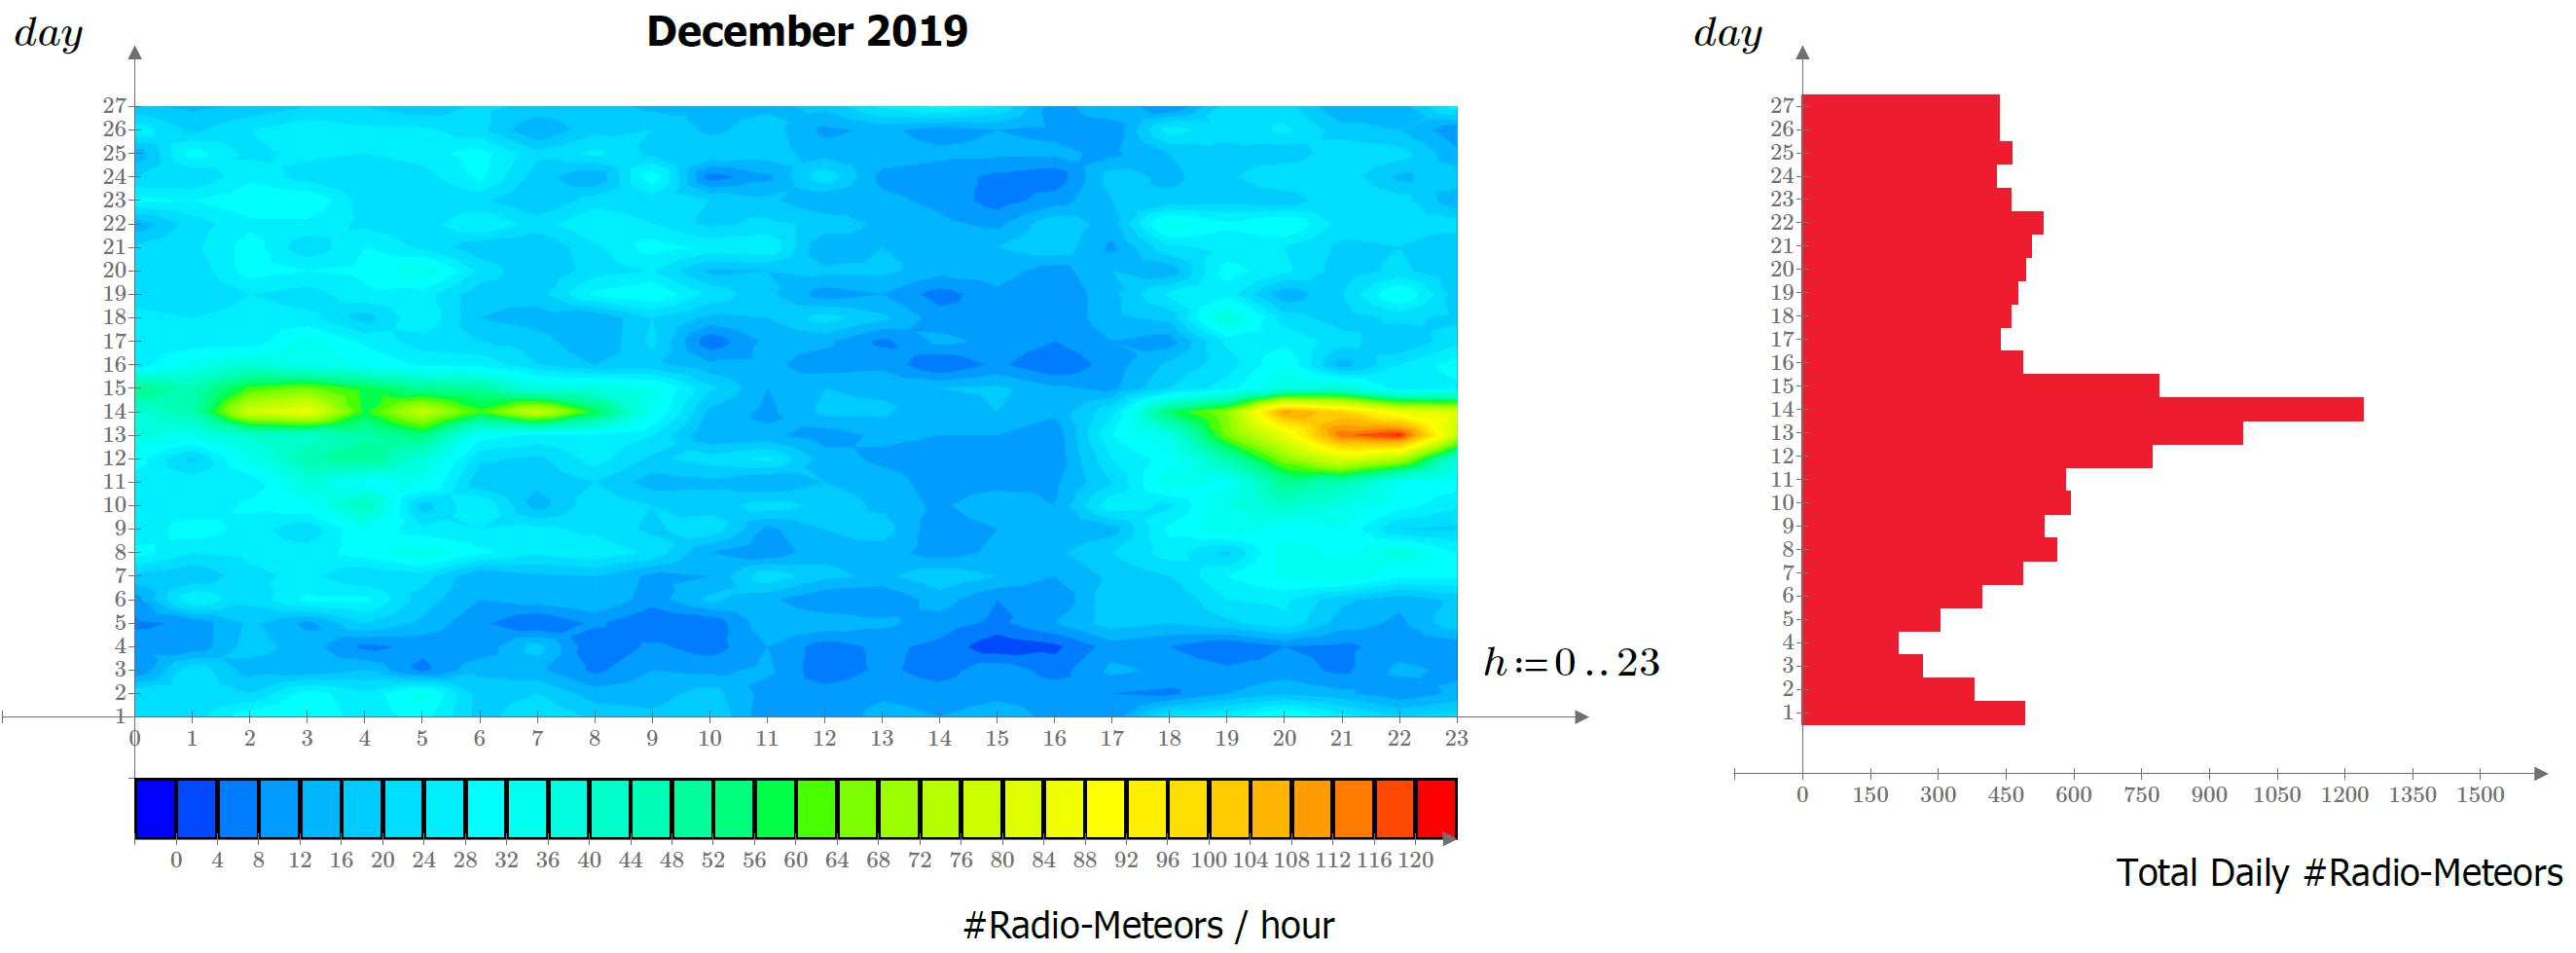 Sintesi dell'attività meteor scatter registrata dalla stazione RALmet durante il mese di Dicembre 2019. La mappa a sinistra descrive, in falsi colori, la frequenza dei radio-echi catturati ogni ora (asse orizzontale) e ogni giorno del mese (asse verticale), mentre l'istogramma a destra riassume la frequenza giornaliera degli eventi. Le regioni sulla mappa tendenti al rosso indicano periodi di massima attività.